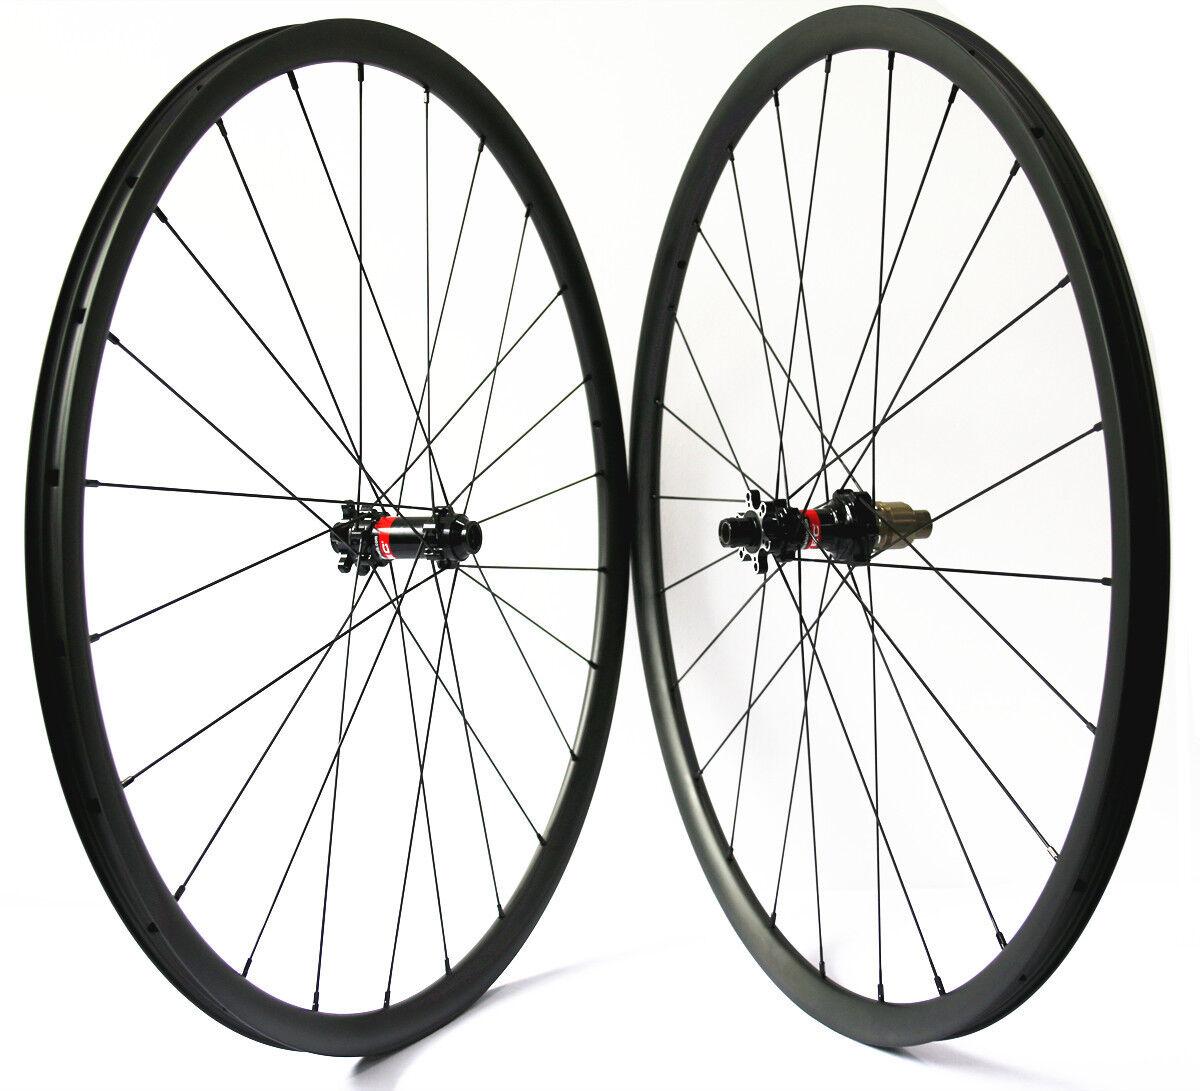 29er MTB carbon wheels 24mm mountain bike gravel wheelset Novatec D411 412 hub